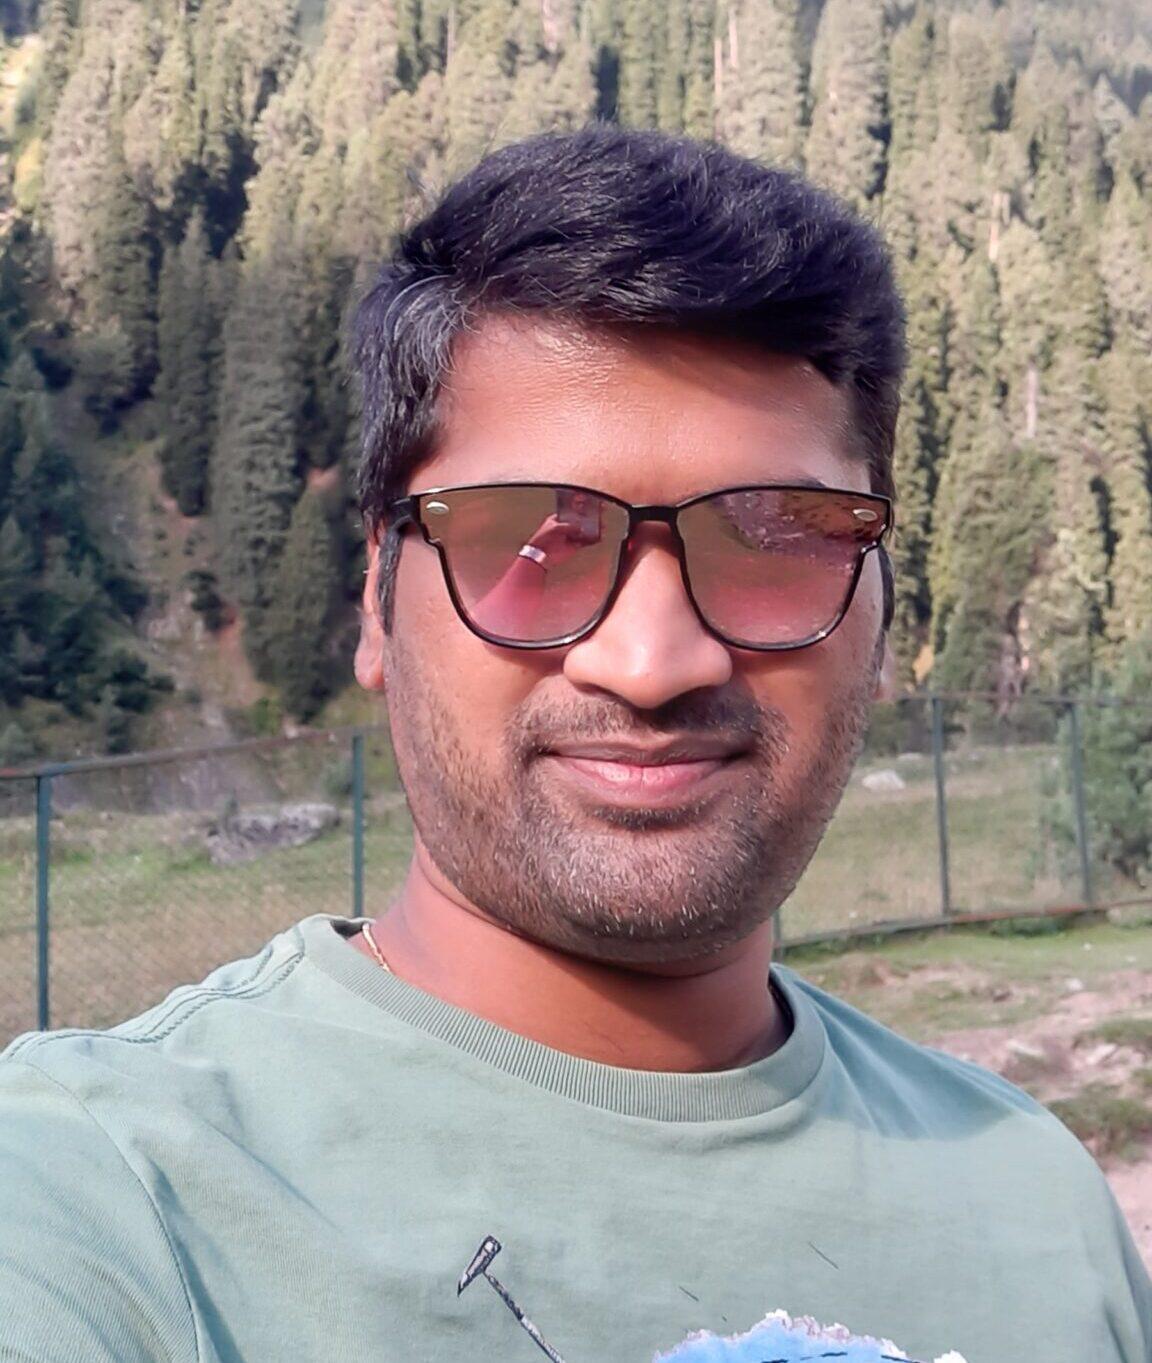 Gundavarapu Avinash D.N.B